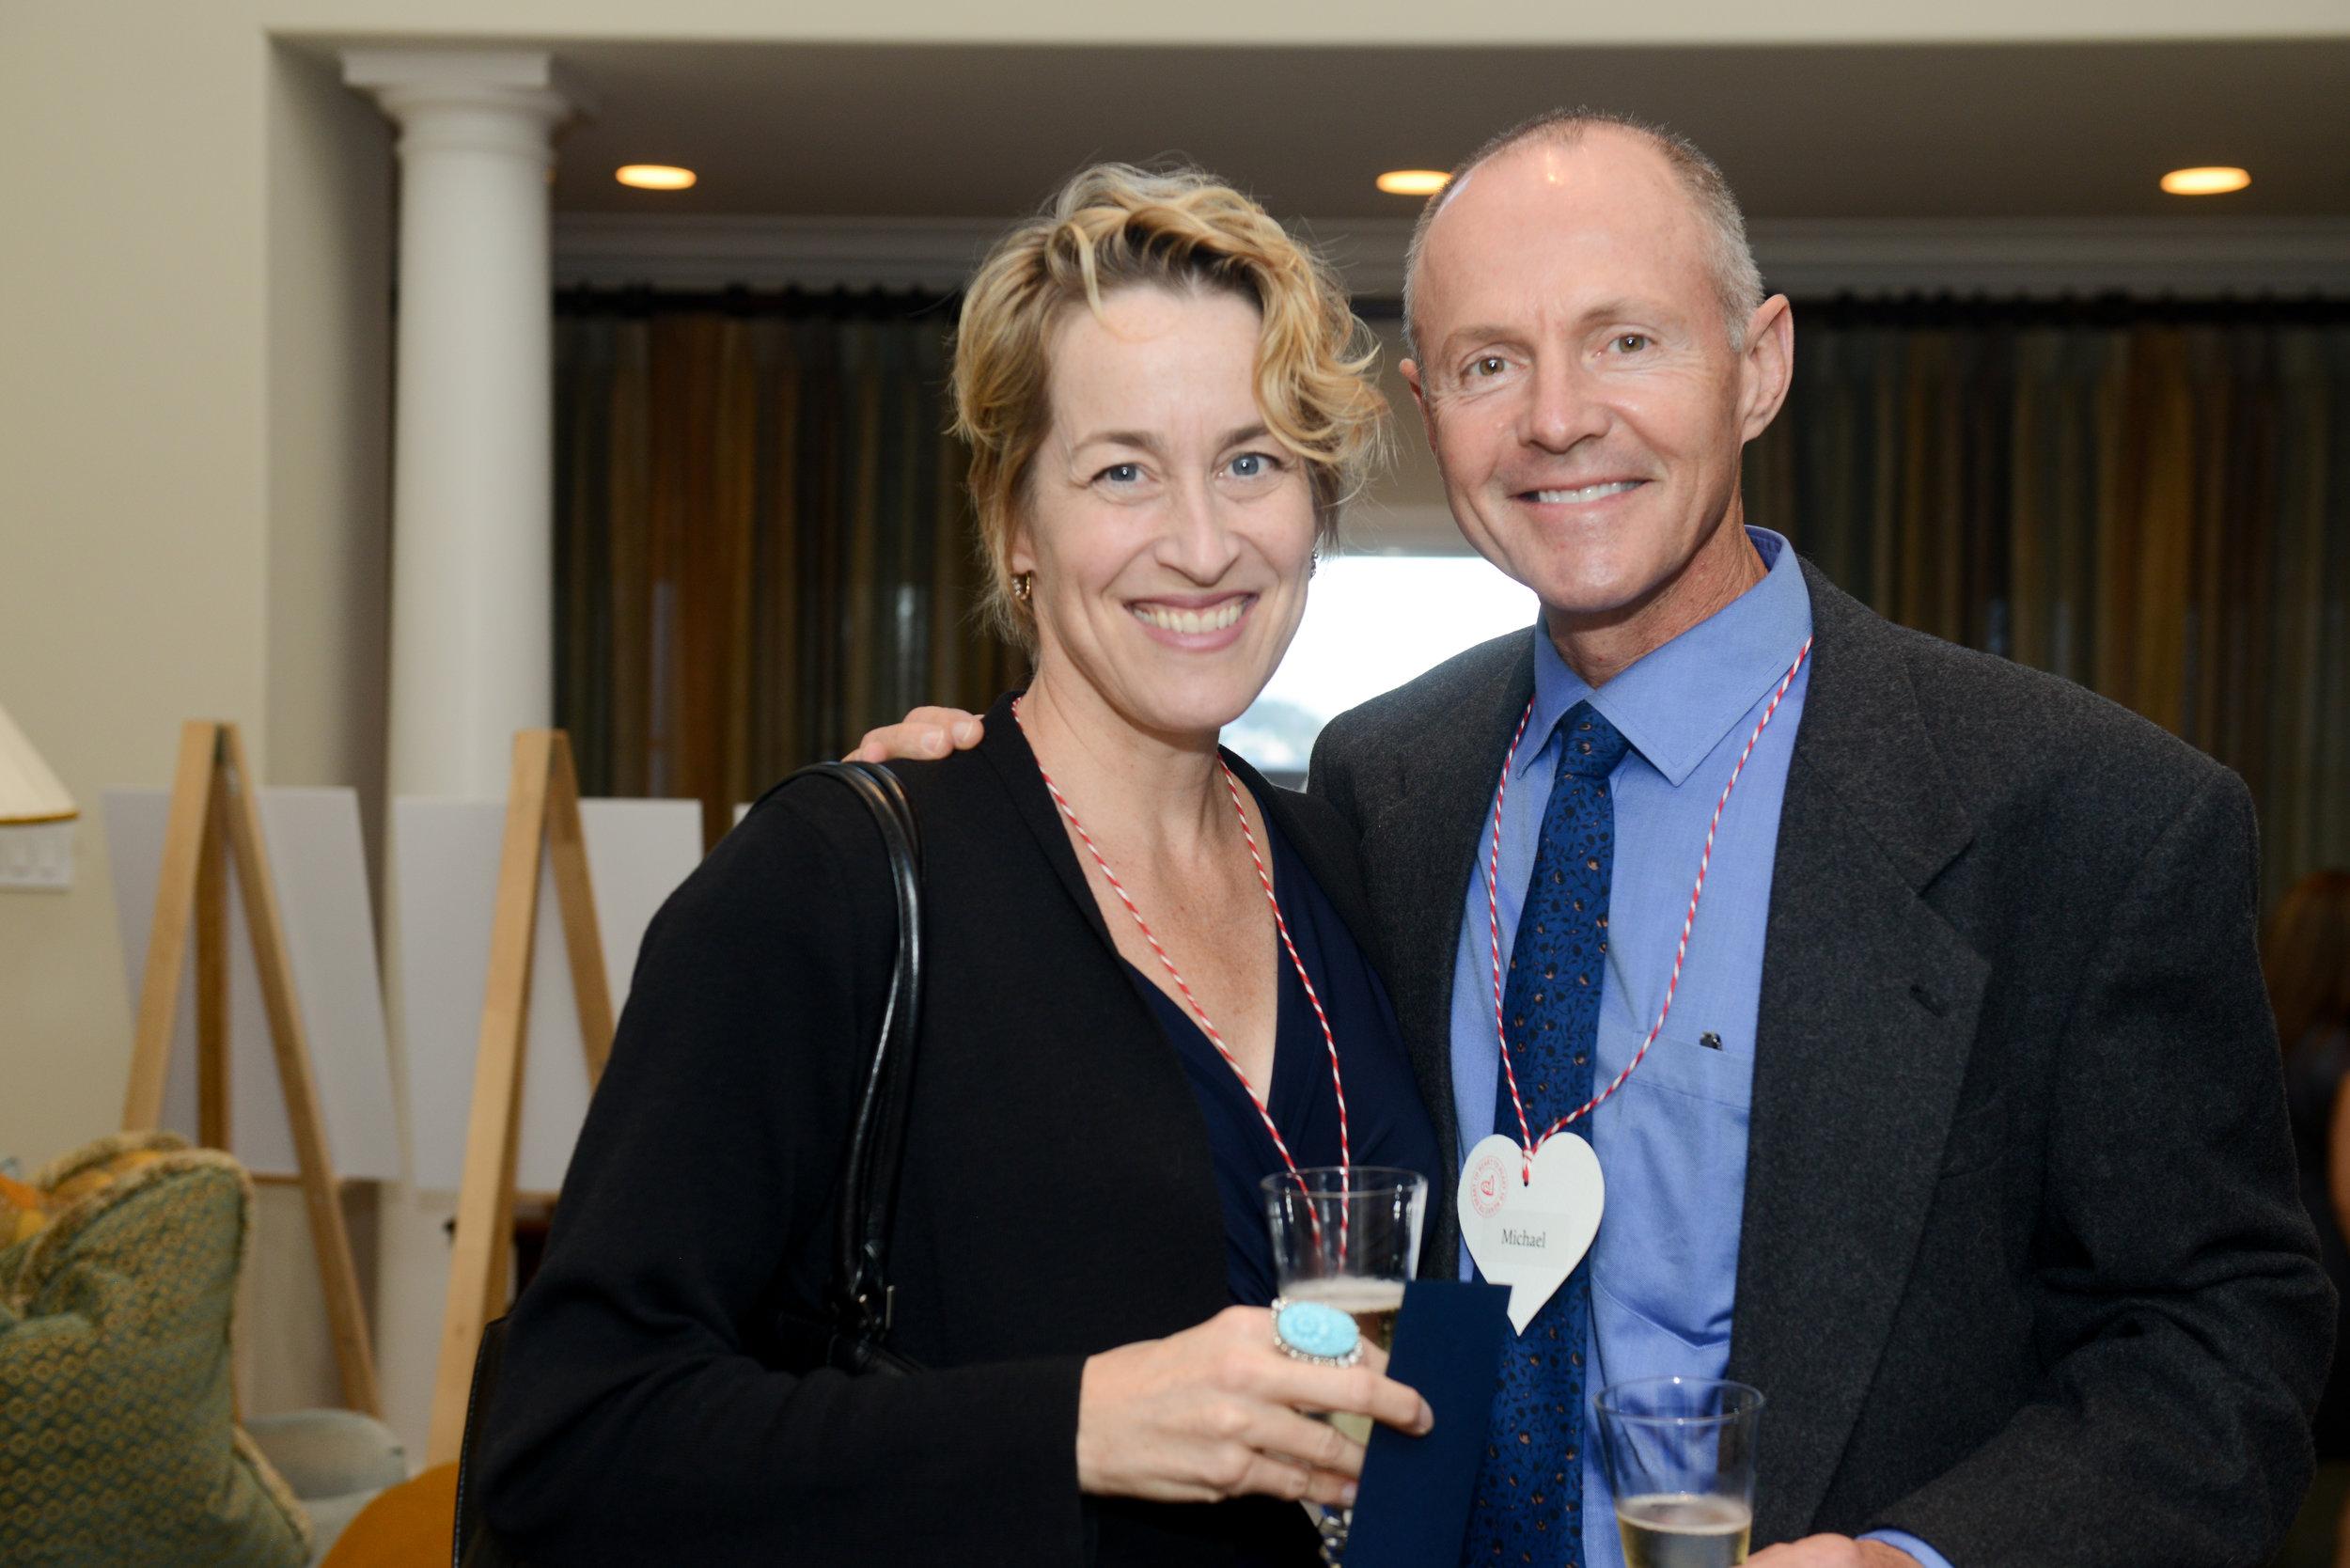 Mike and Karen O'Brien, PhD